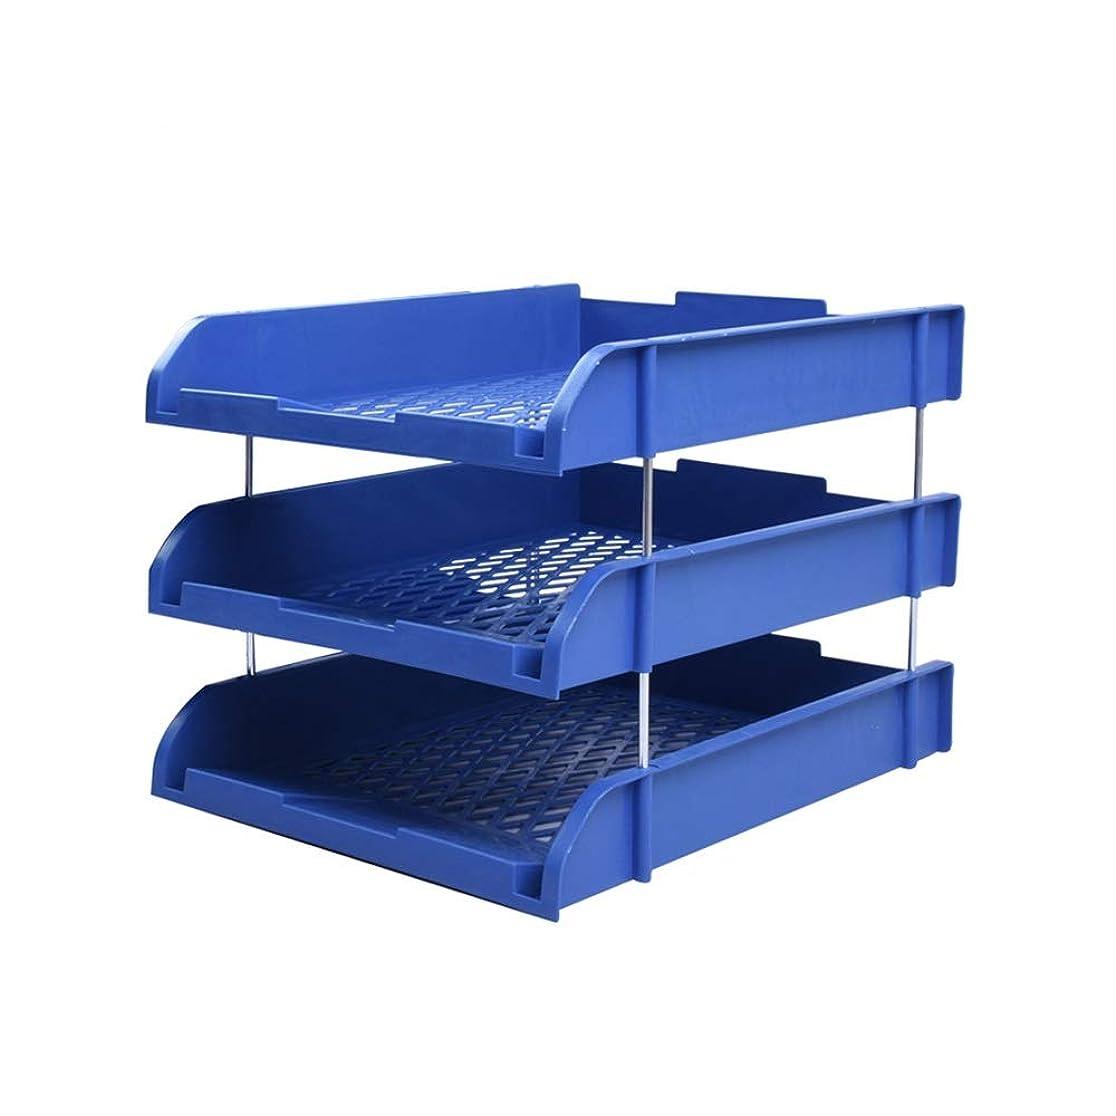 スキルようこそ推測テーブルトップシェルフ 3層ファイルホルダープラスチックインフォメーションディスプレイボックスデスクトップファイルストレージトレイ簡単に組み立てマガジンホルダー (Color : Blue, Size : 26x26x33.8cm)